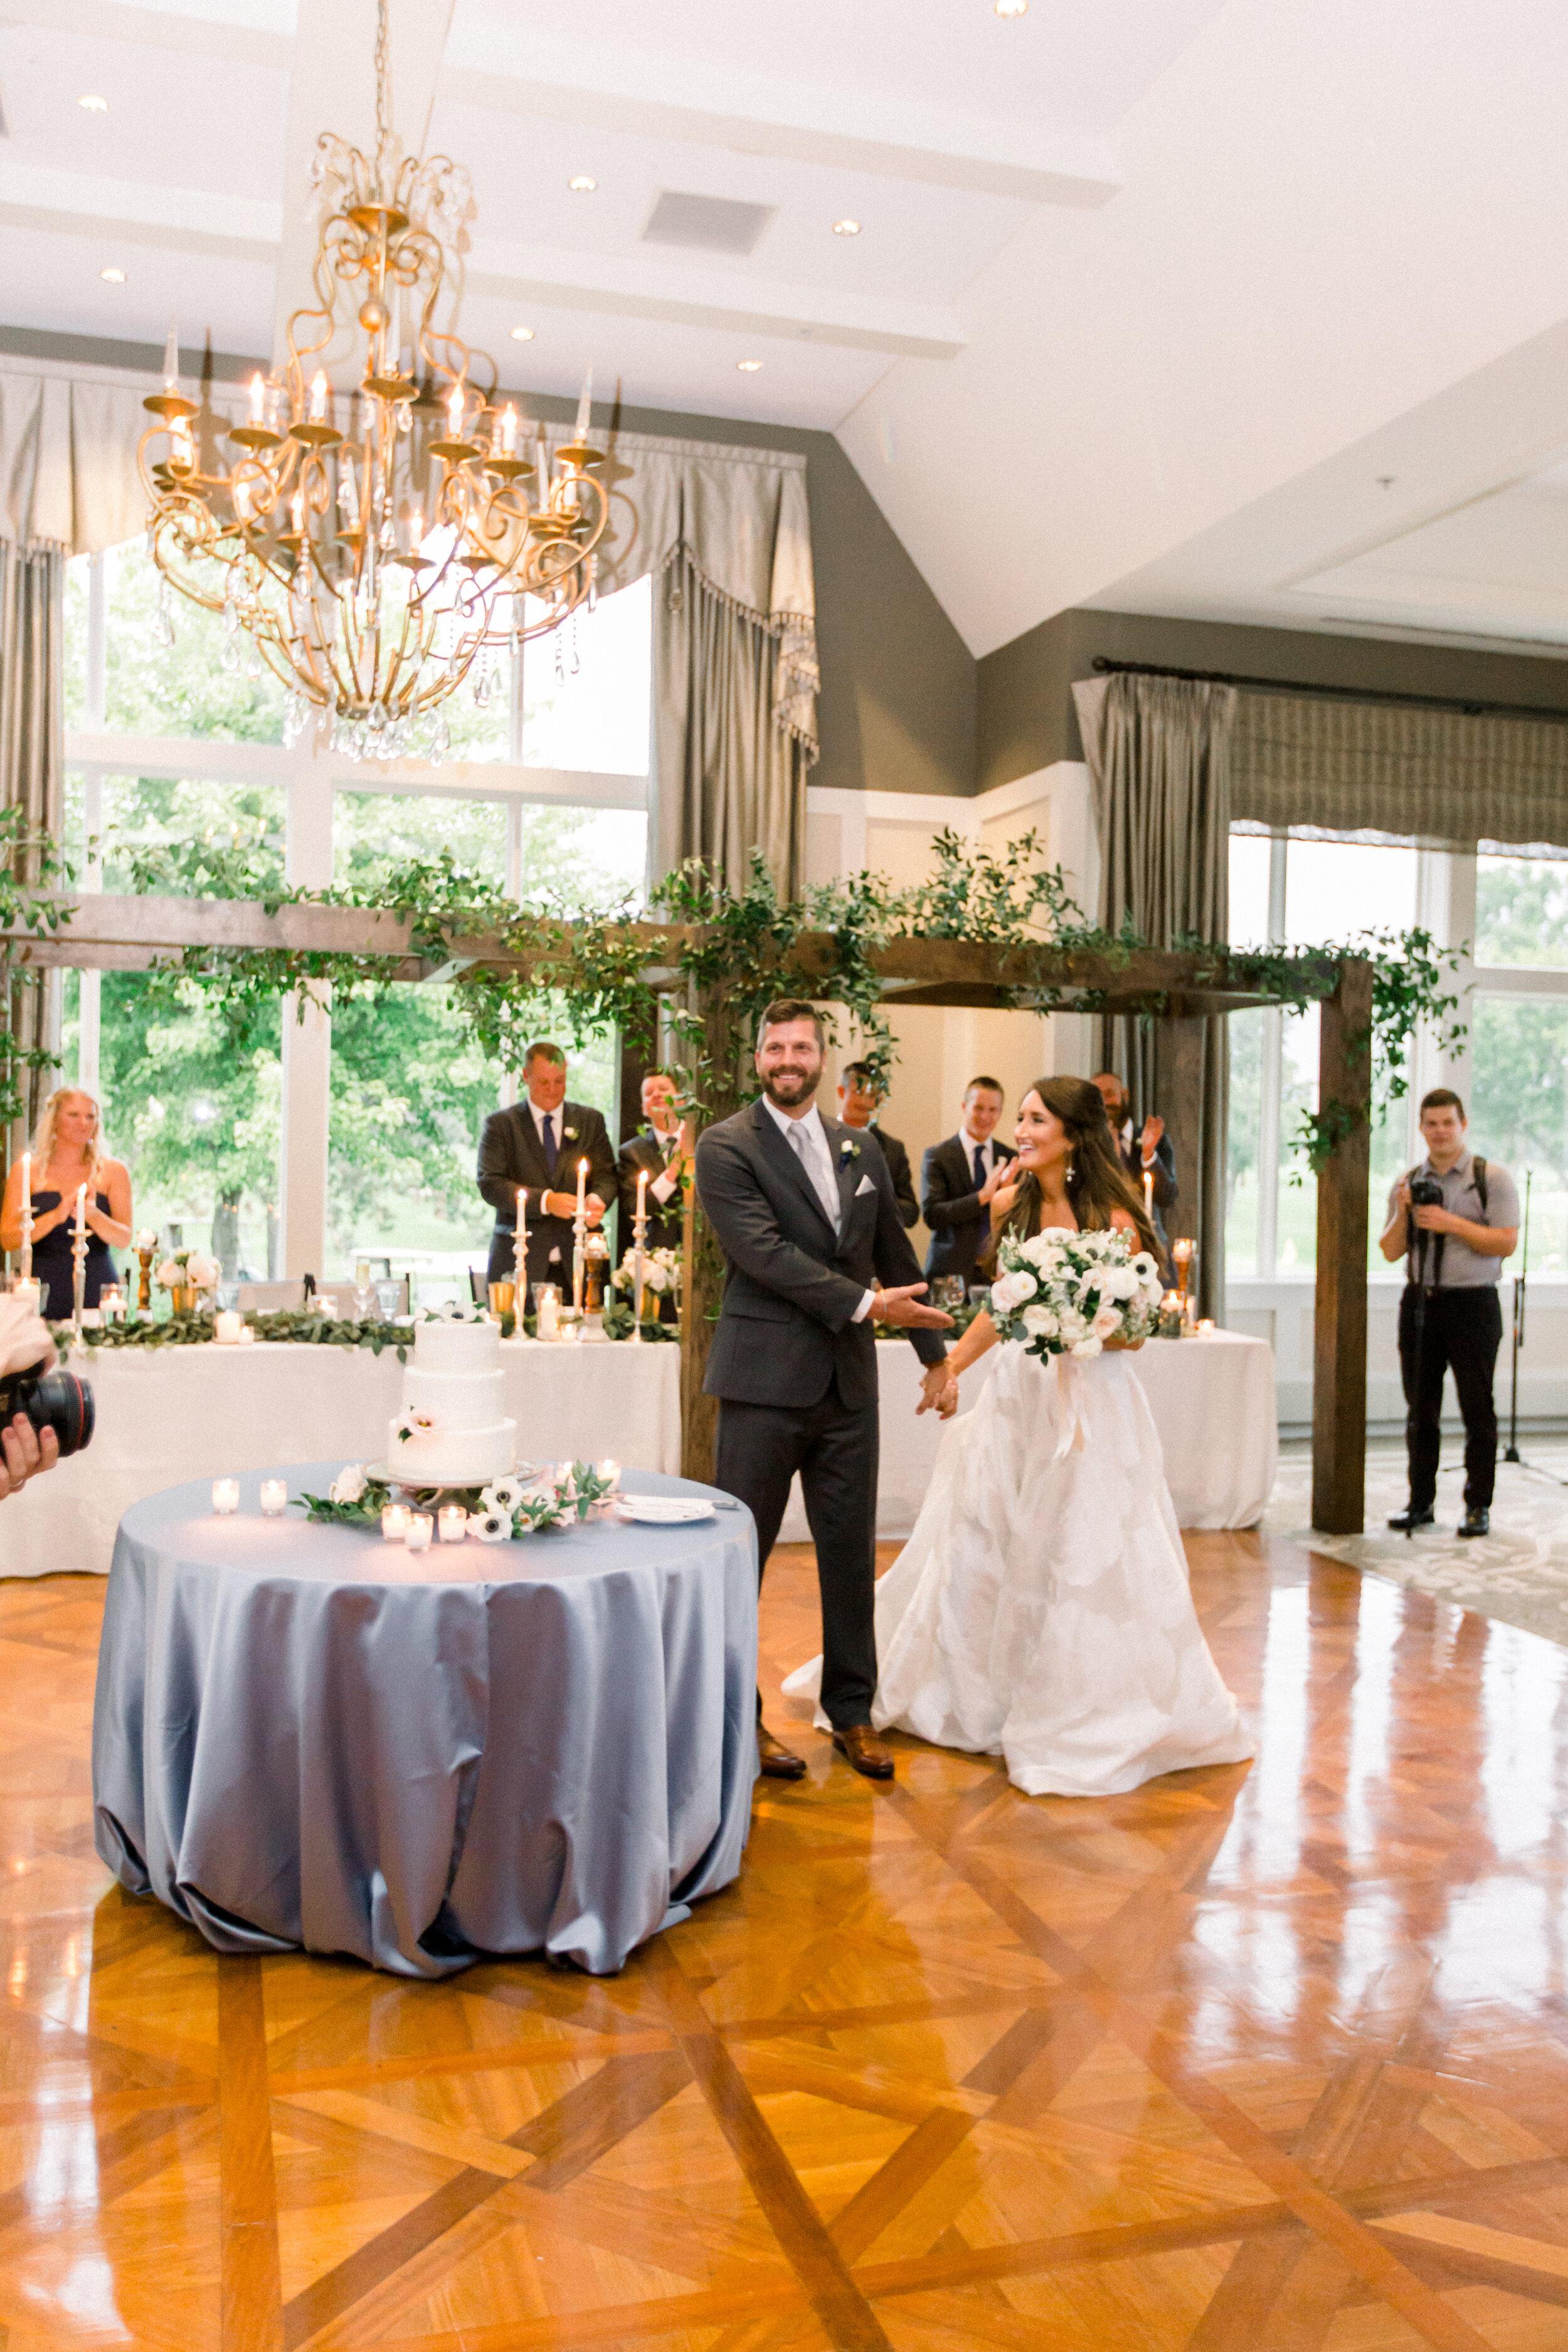 Kuiper+Wedding+Reception-26.jpg